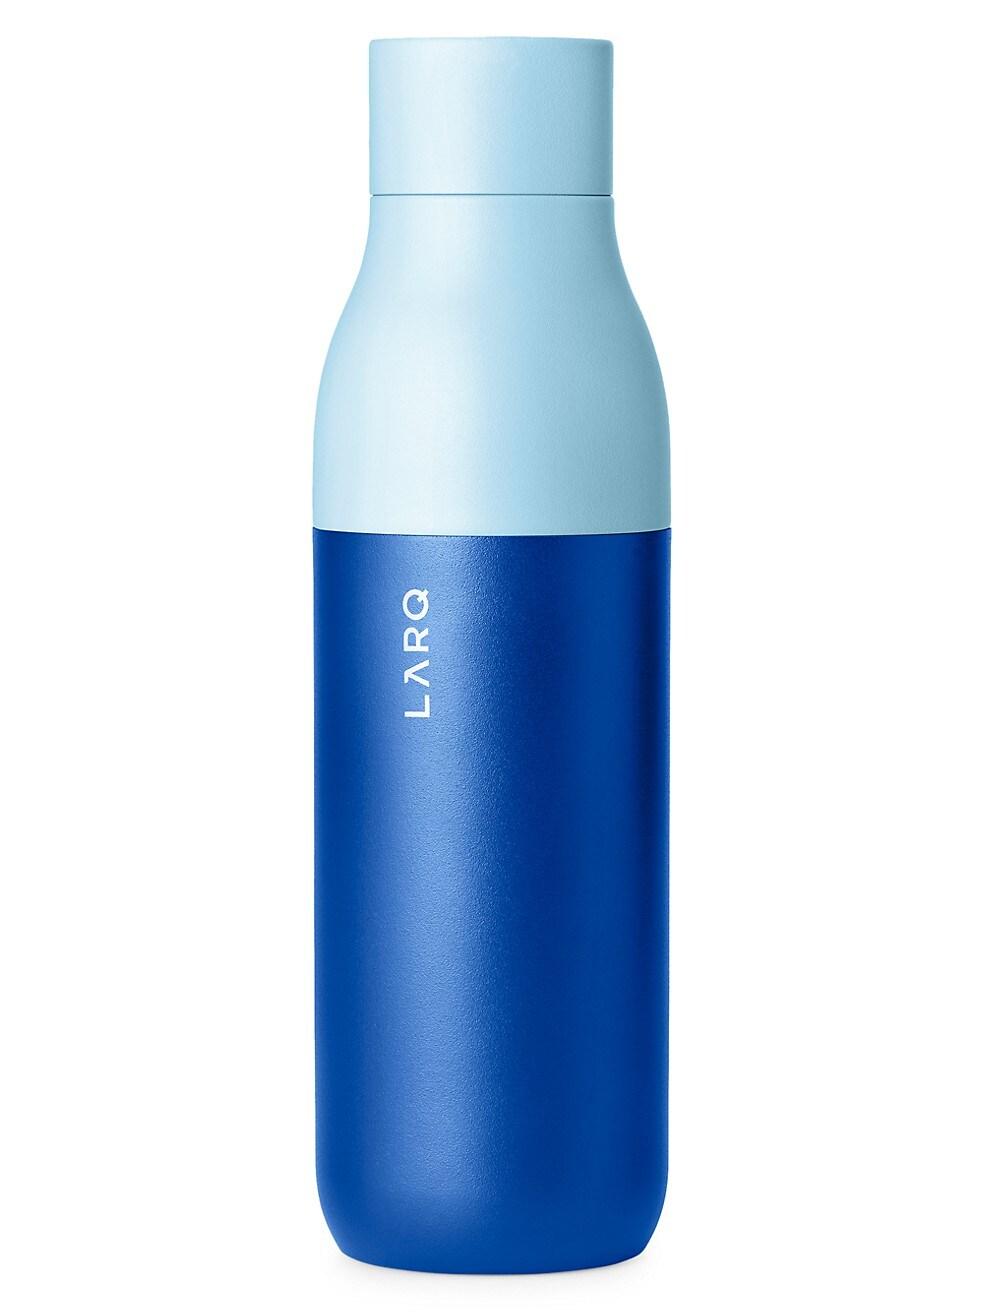 LARQ DG23 Edition Stainless Steel Bottle